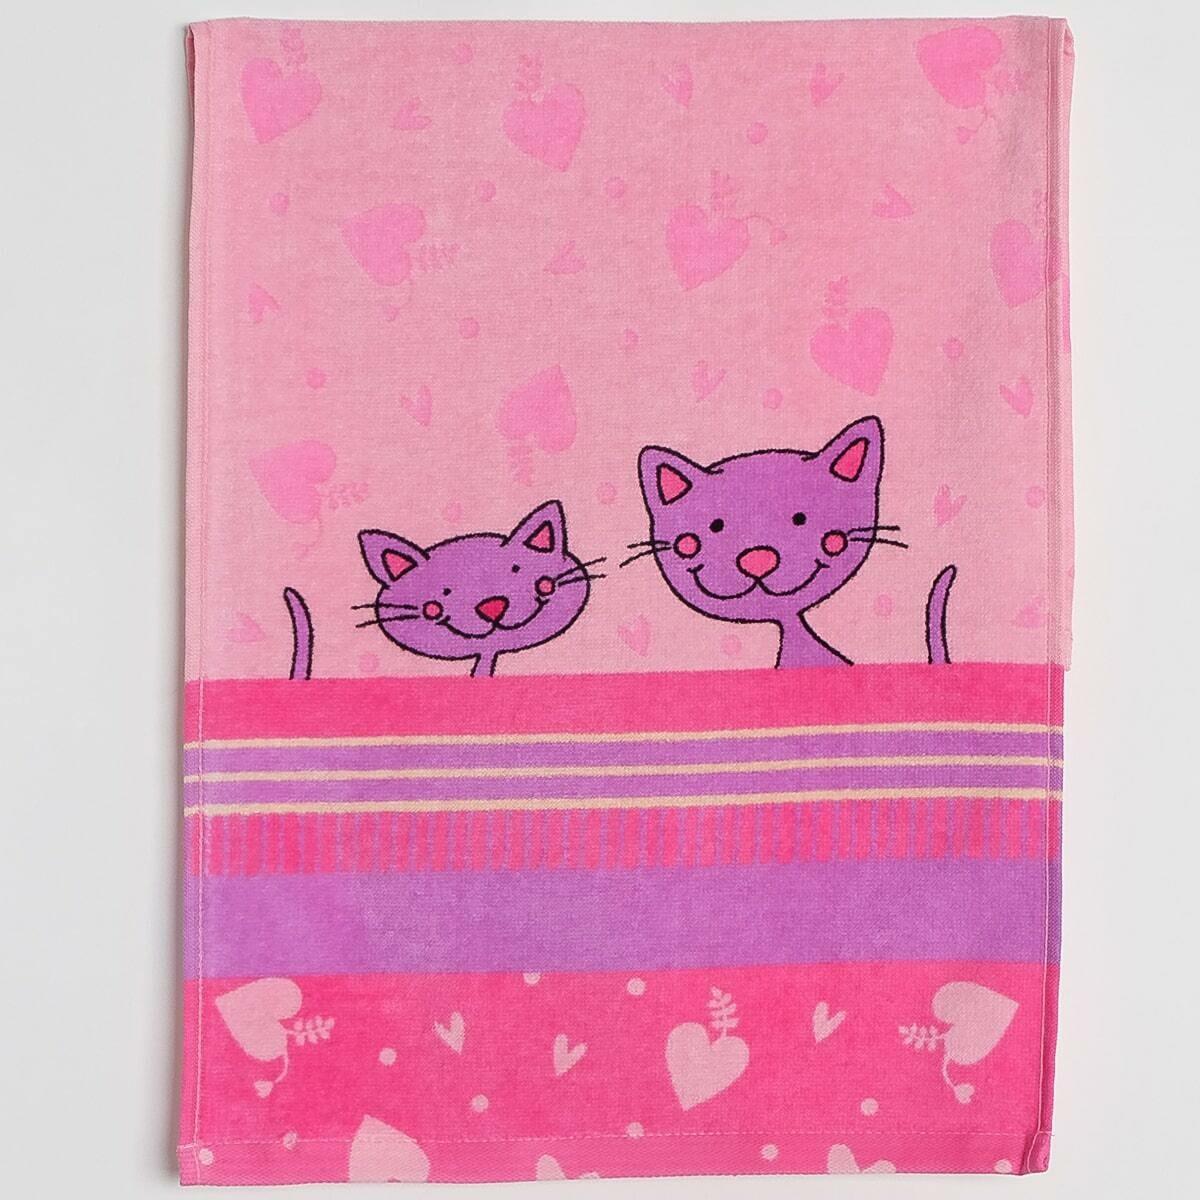 Махровое полотенце, Кис-кис, 33*70 см